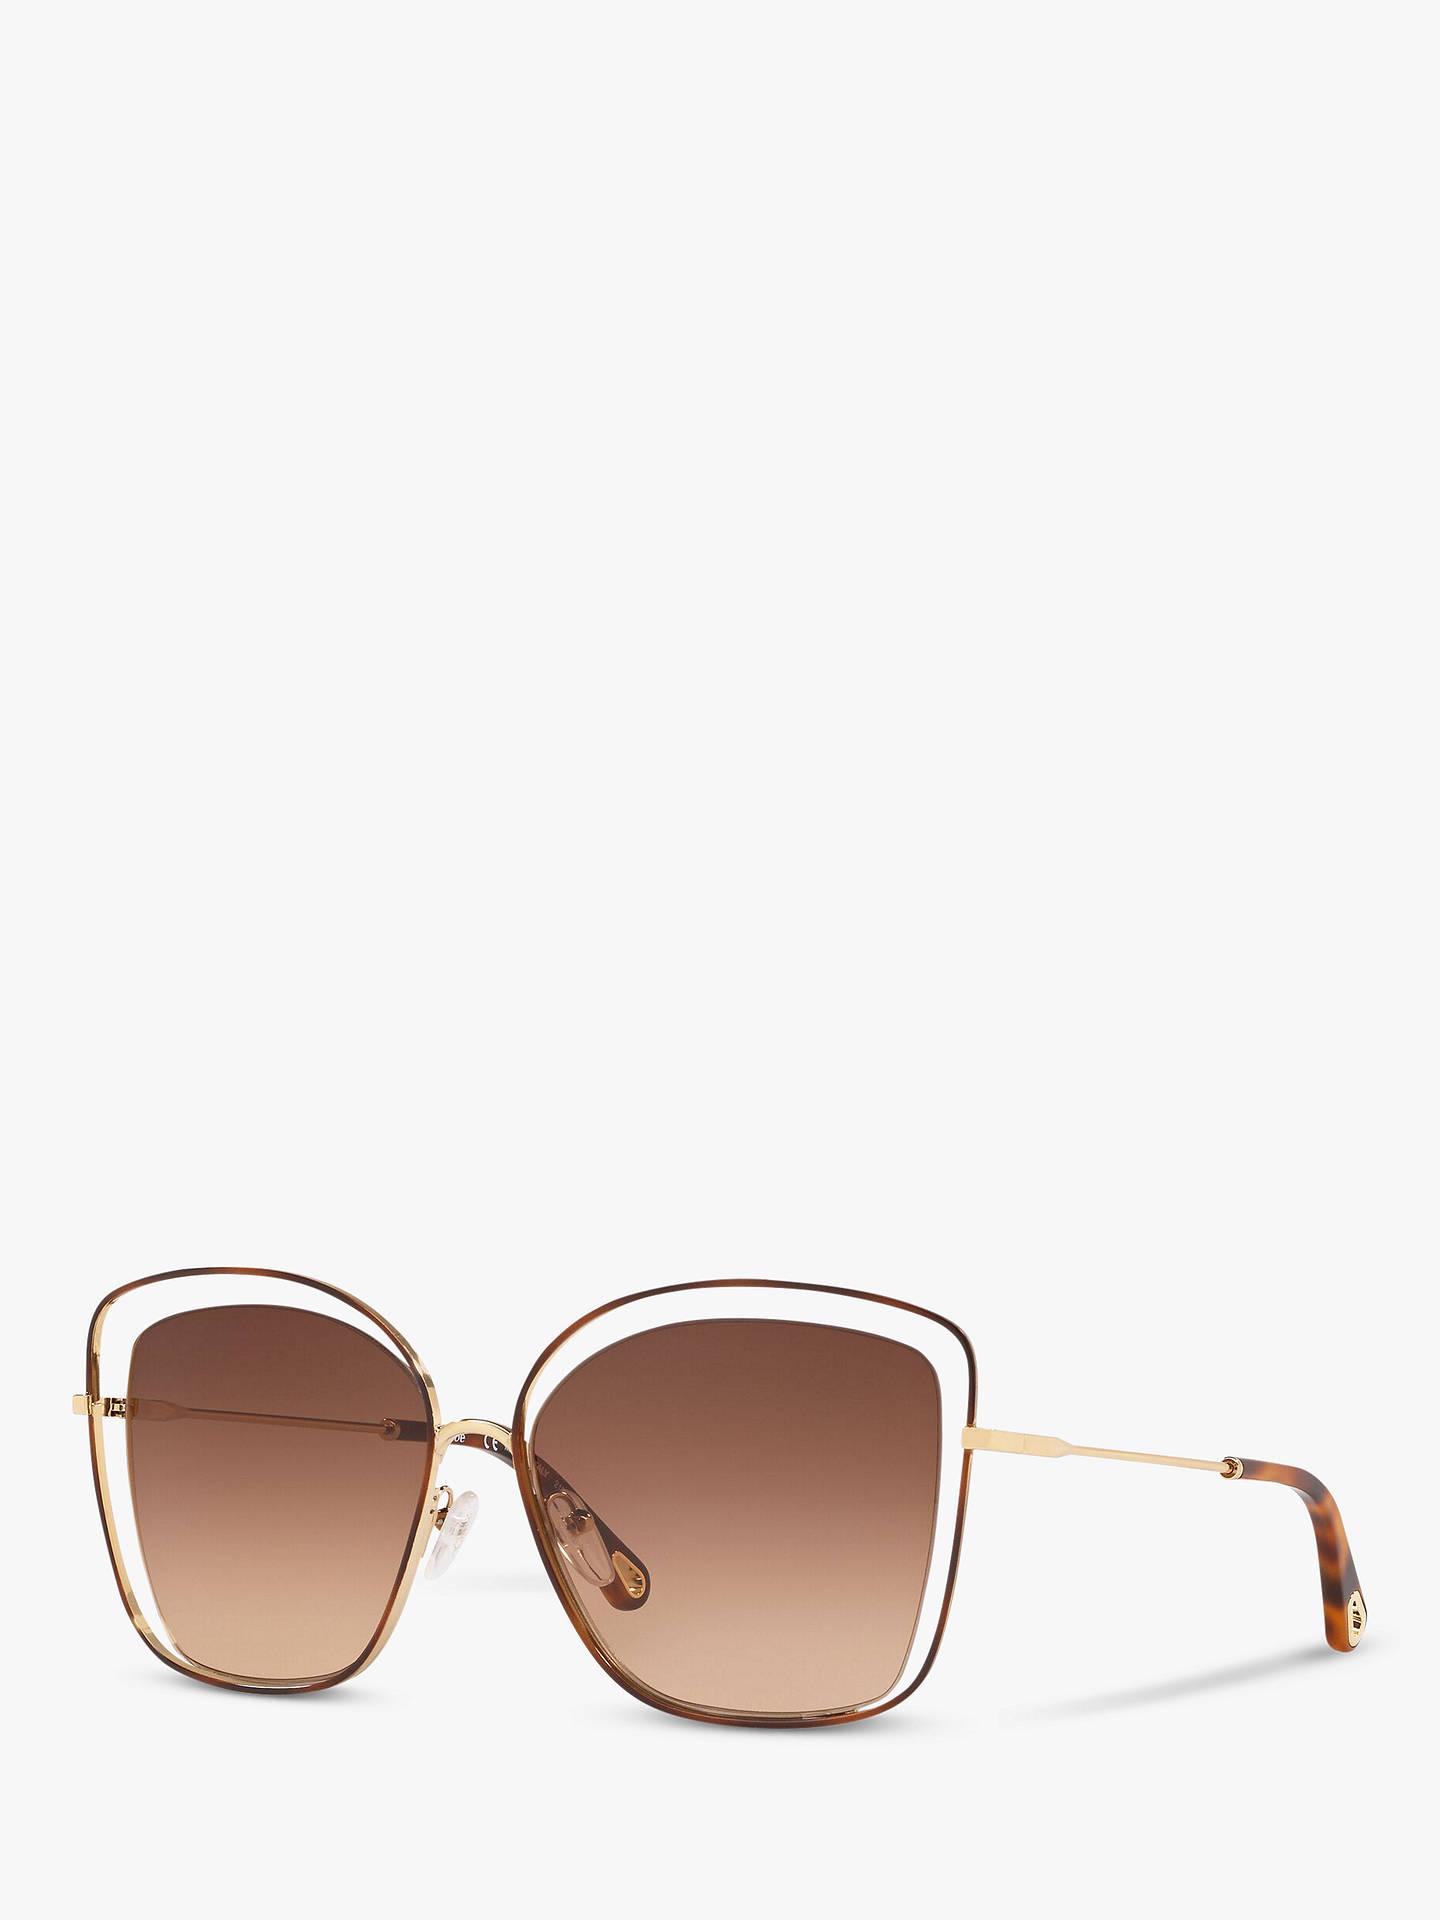 68d9d303 Chloé CE133S Women's Double Rim Square Sunglasses, Gold/Tortoise Brown